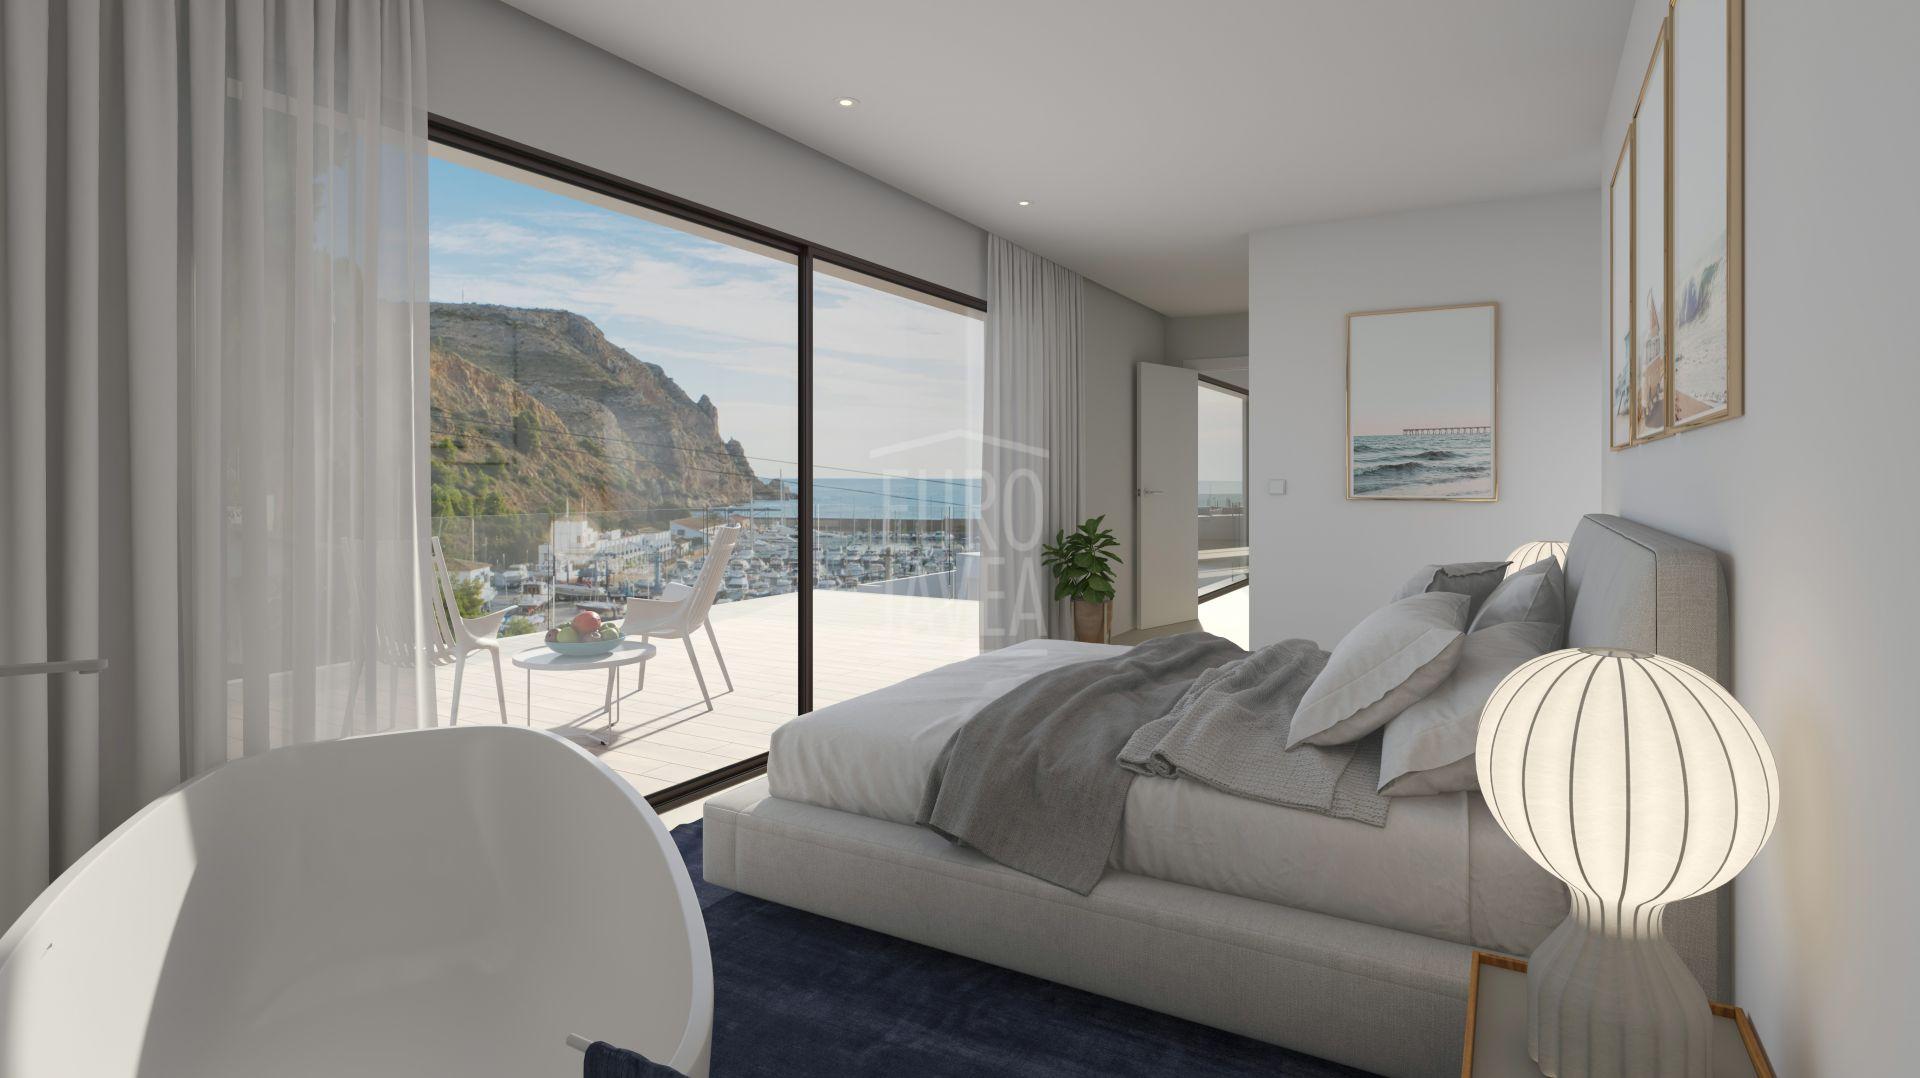 Villa de lujo en construcción a la venta en Primera Linea en Jávea con espectaculares vistas al mar